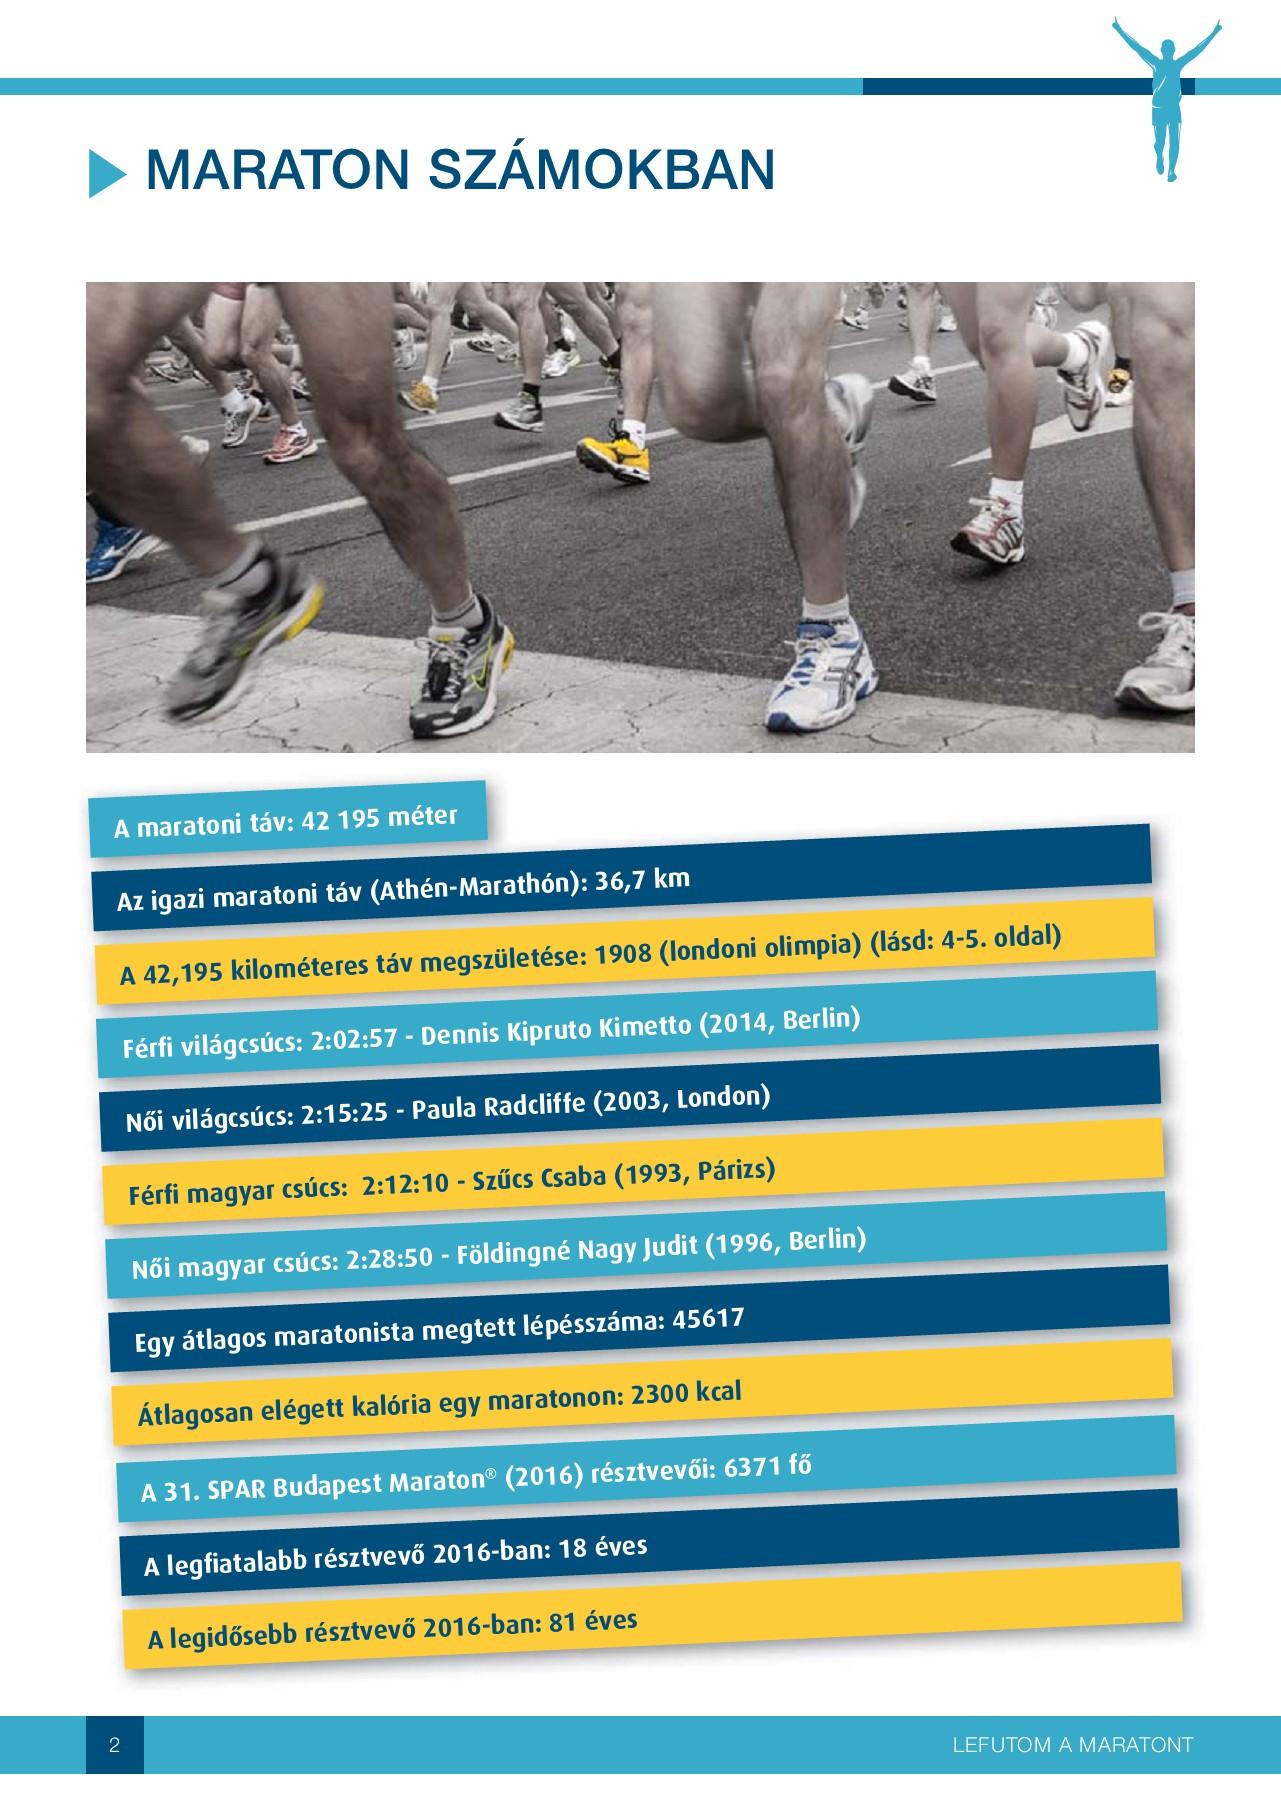 magas vérnyomás esetén a helyszínen fut)